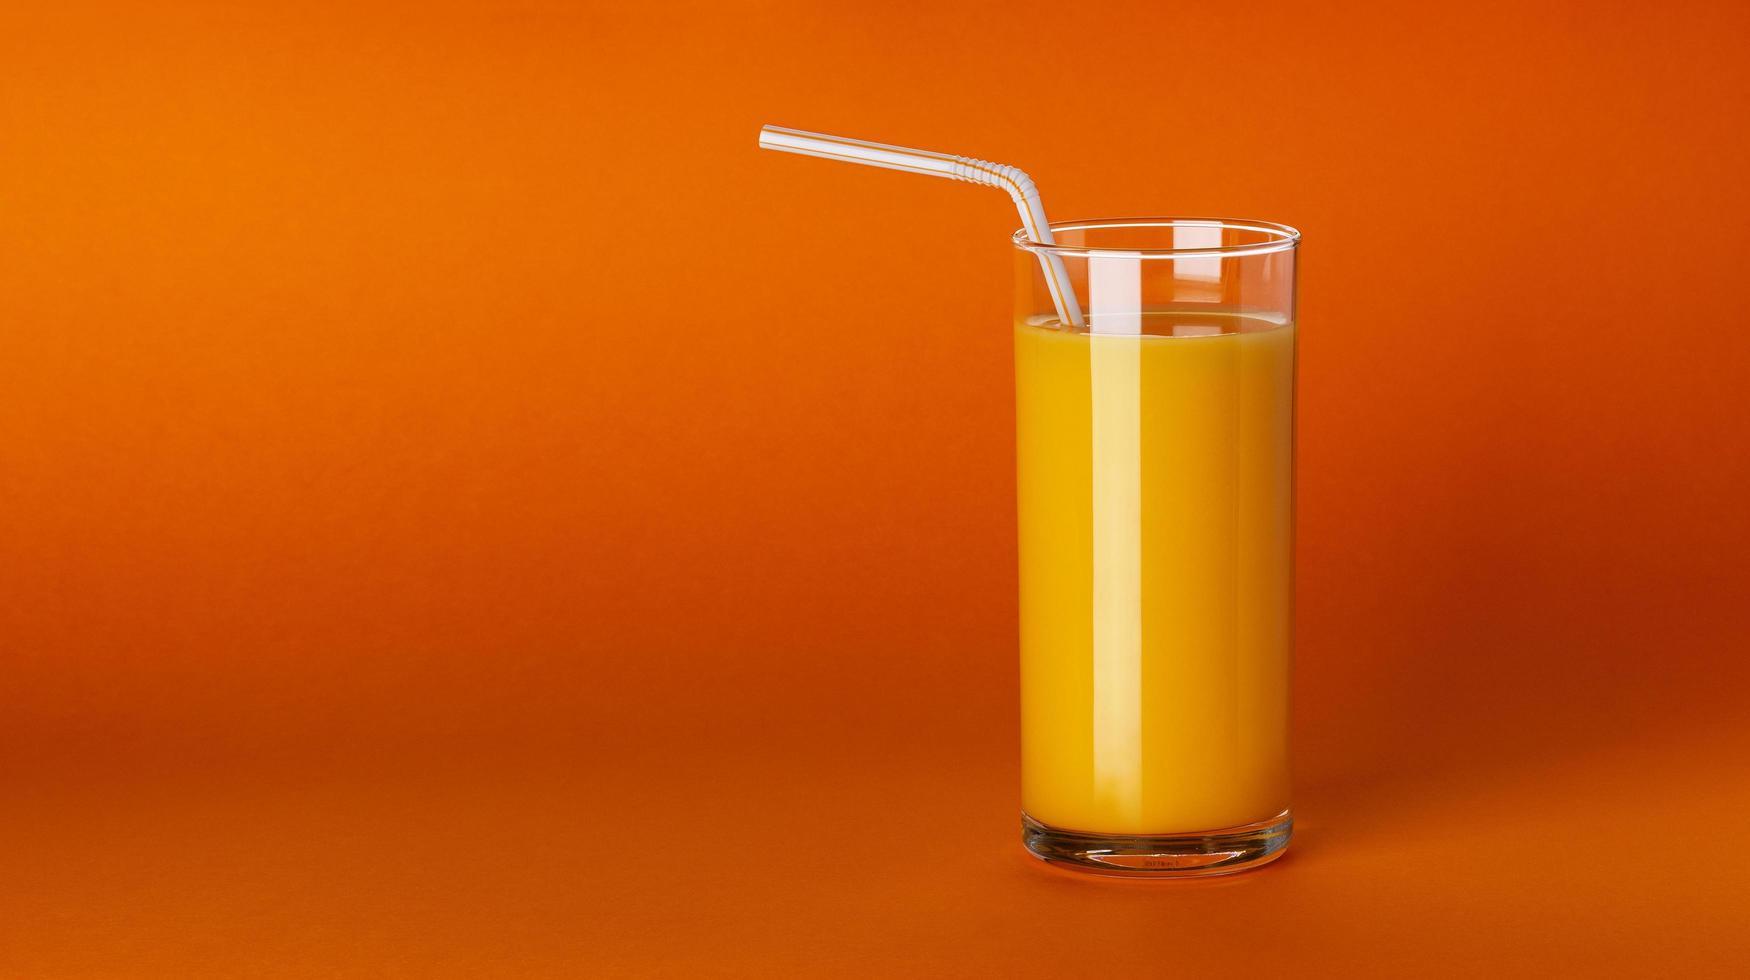 un verre de jus d'orange sur fond orange avec copie espace photo